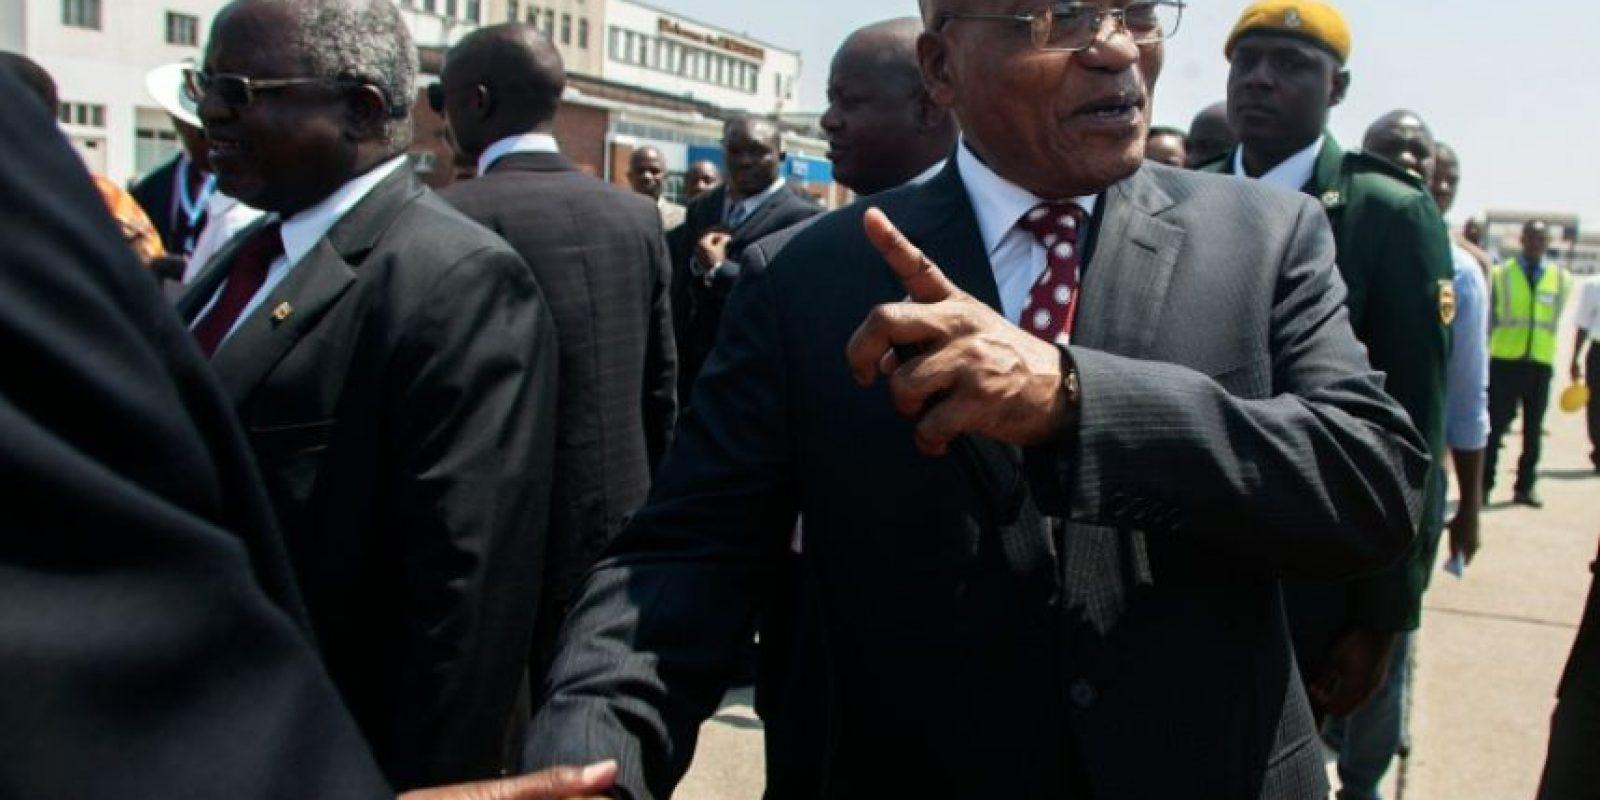 El presidente sudafricano Jacob Zuma (D) es recibido a su llegada para una visita de estado oficial en el Aeropuerto Internacional de Harare, Zimbabue, el 3 de noviembre de 2016 en Harare. Foto:JEKESAI NJIKIZANA/afp.com